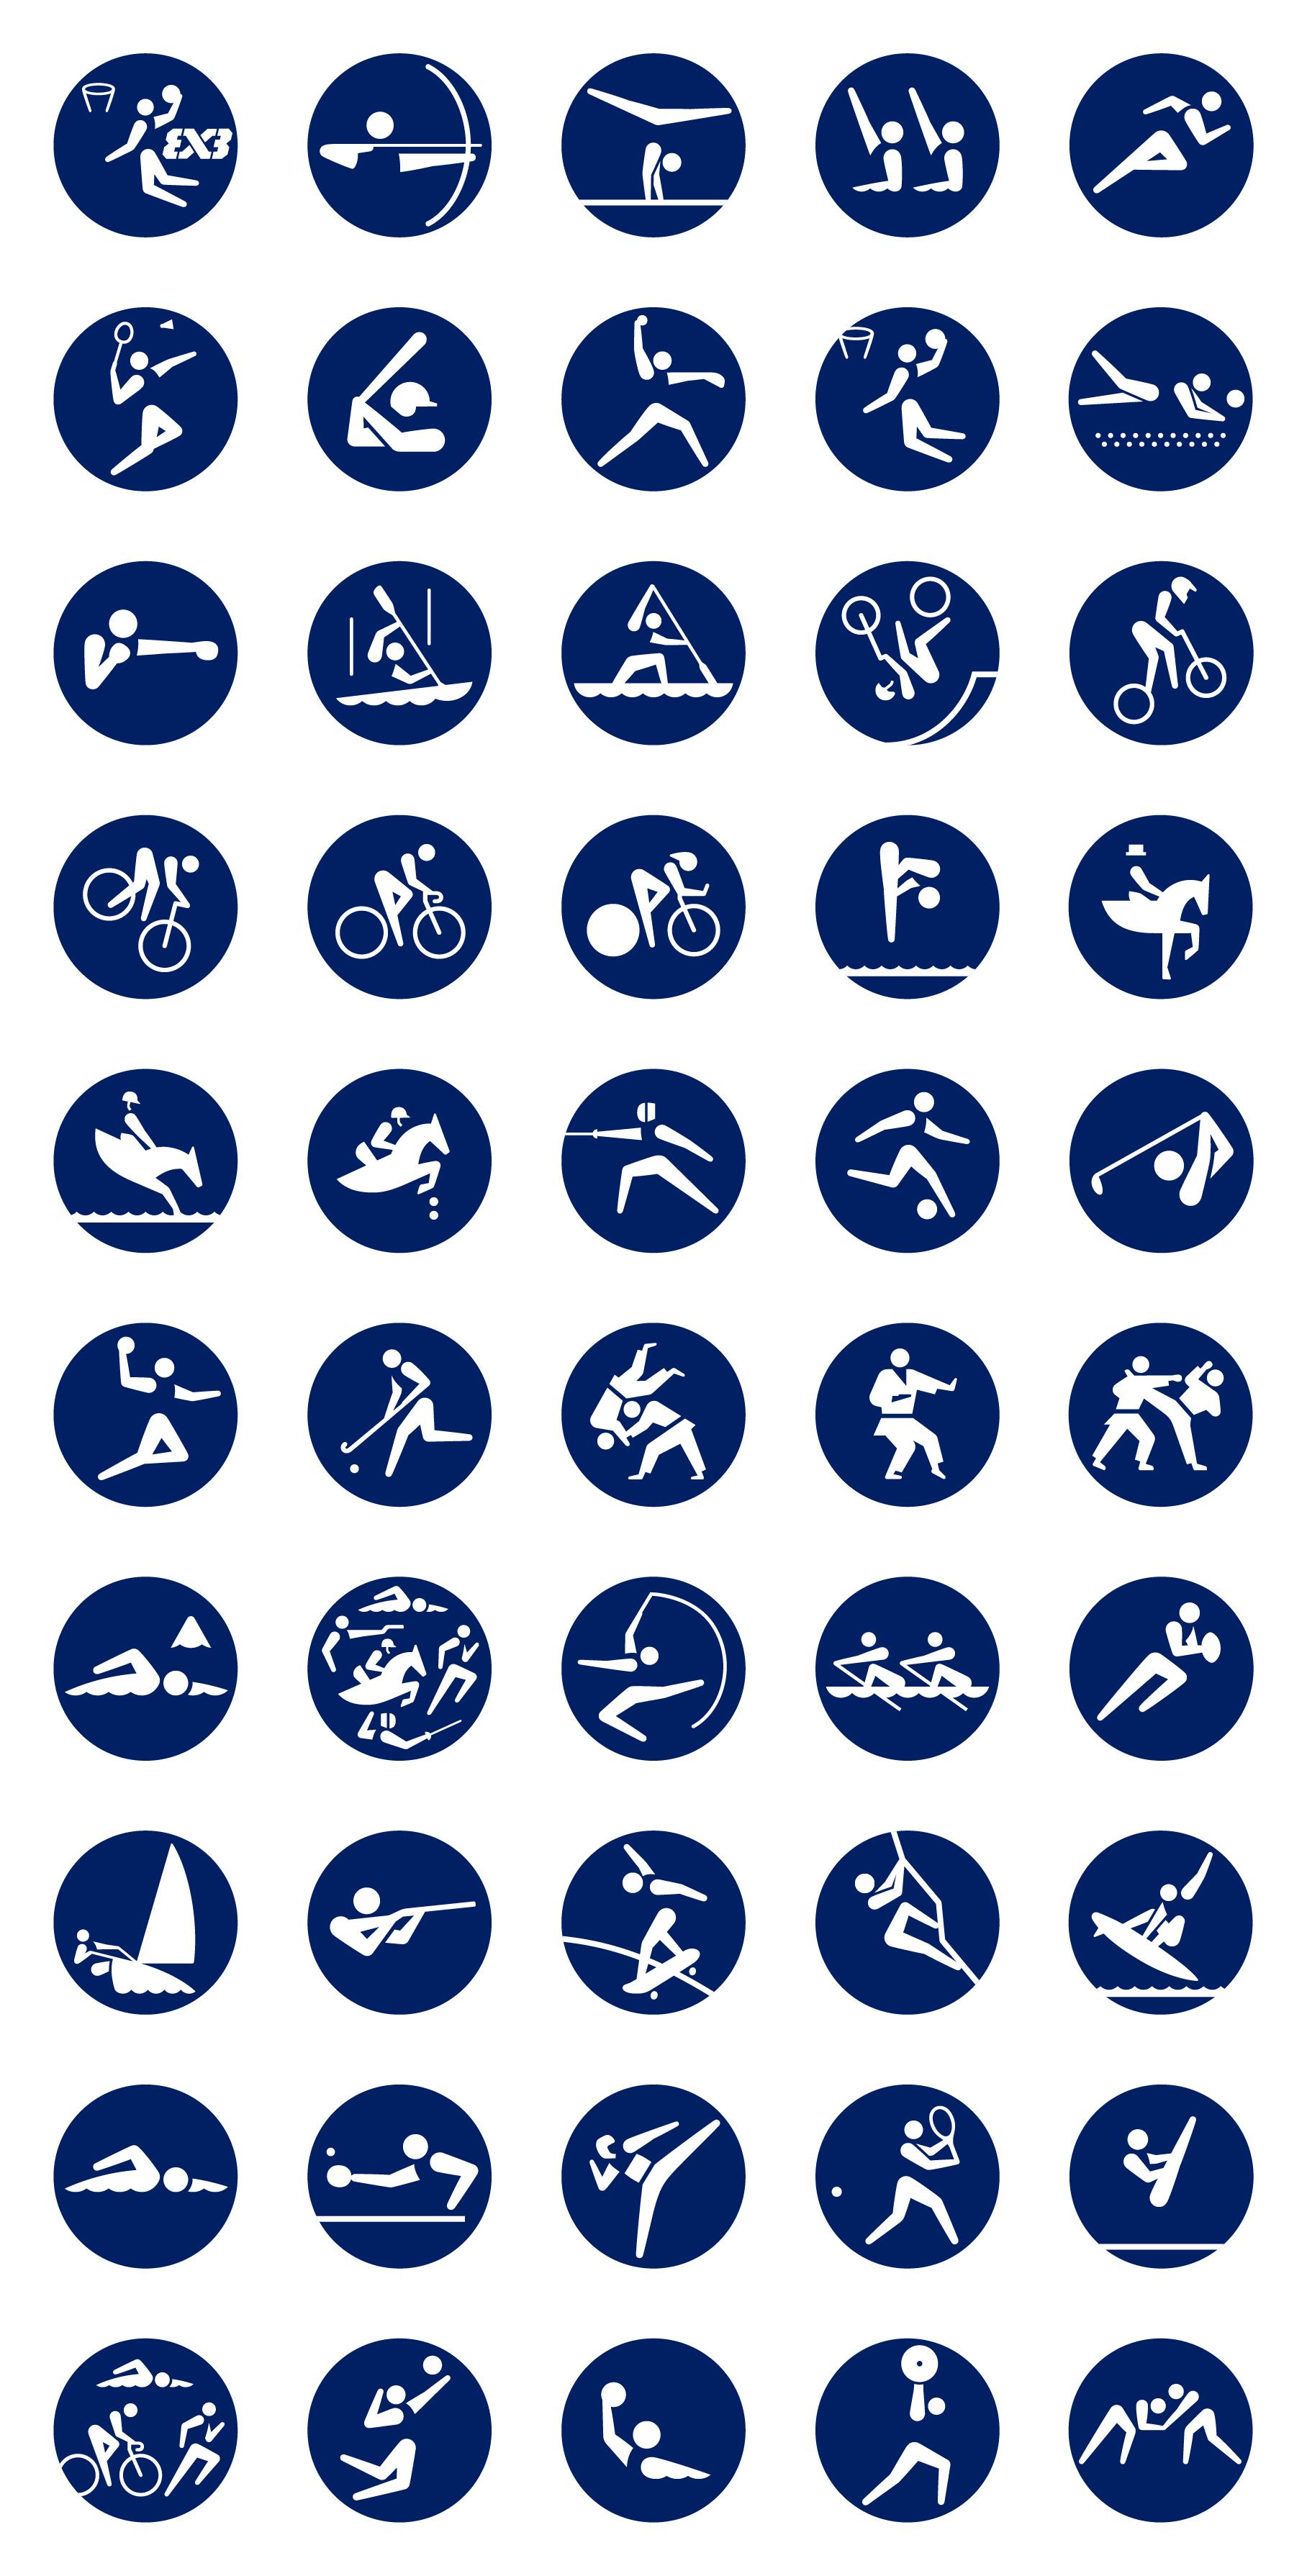 奥运会——东京奥组委发布奥运会体育图标